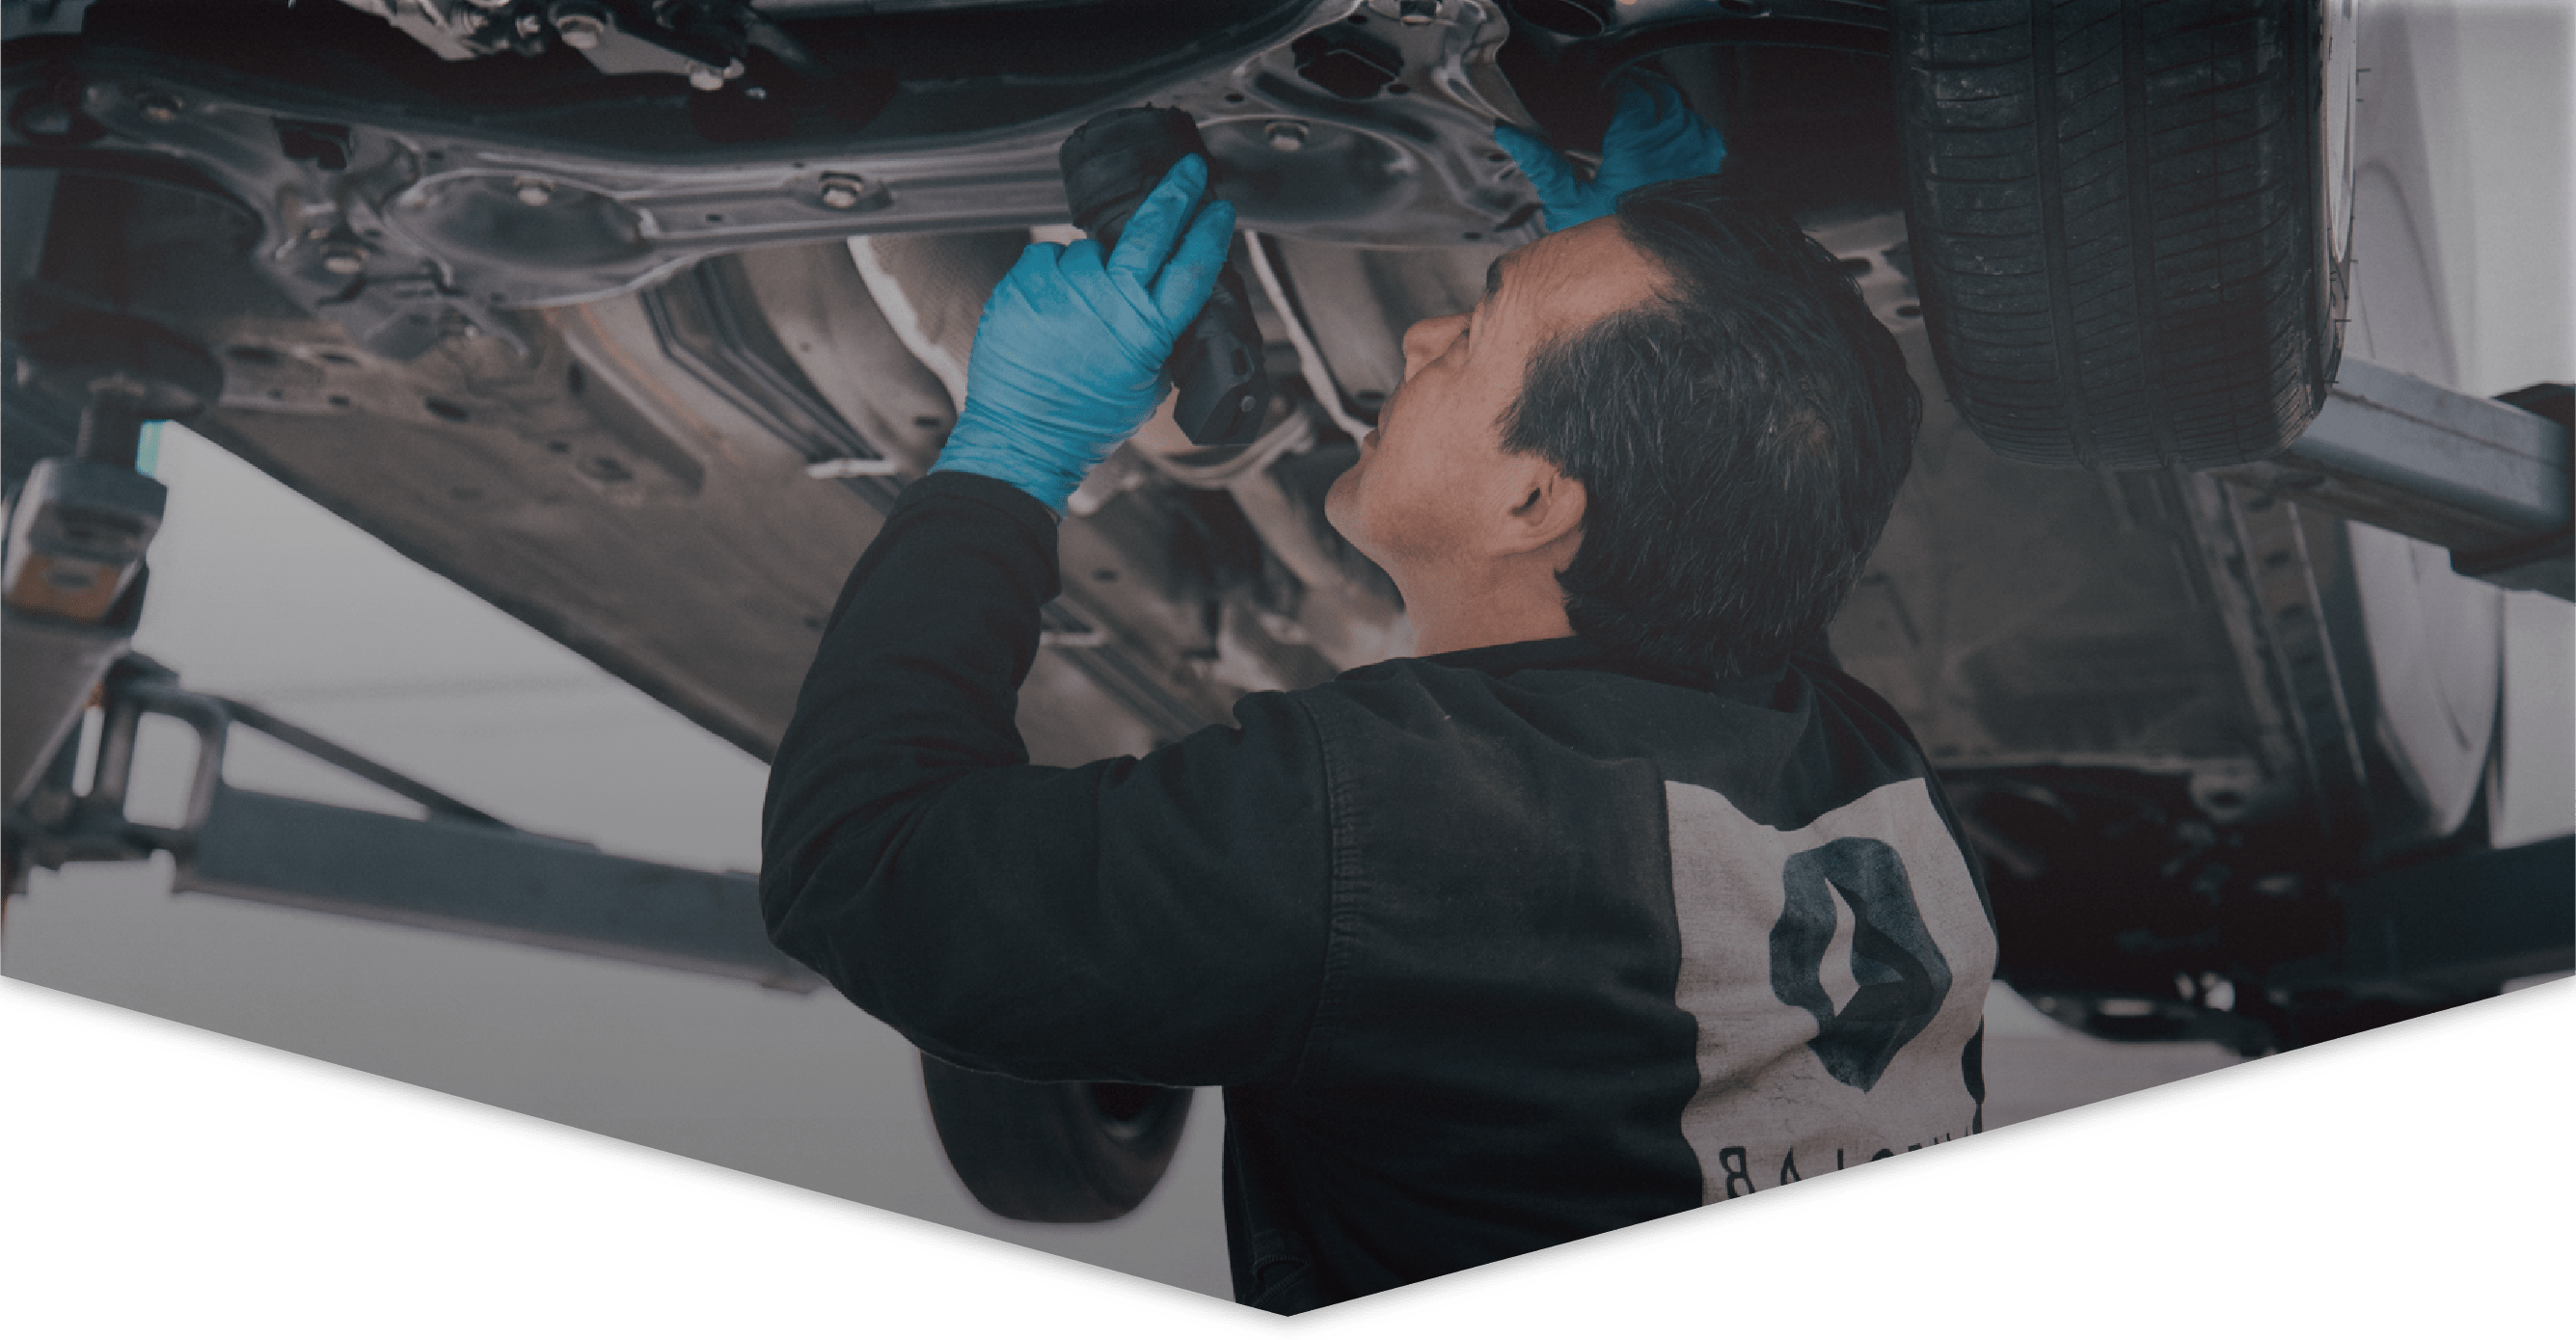 Mecánico de Autolab inspecciona un carro desde abajo hacer un mecánico básica